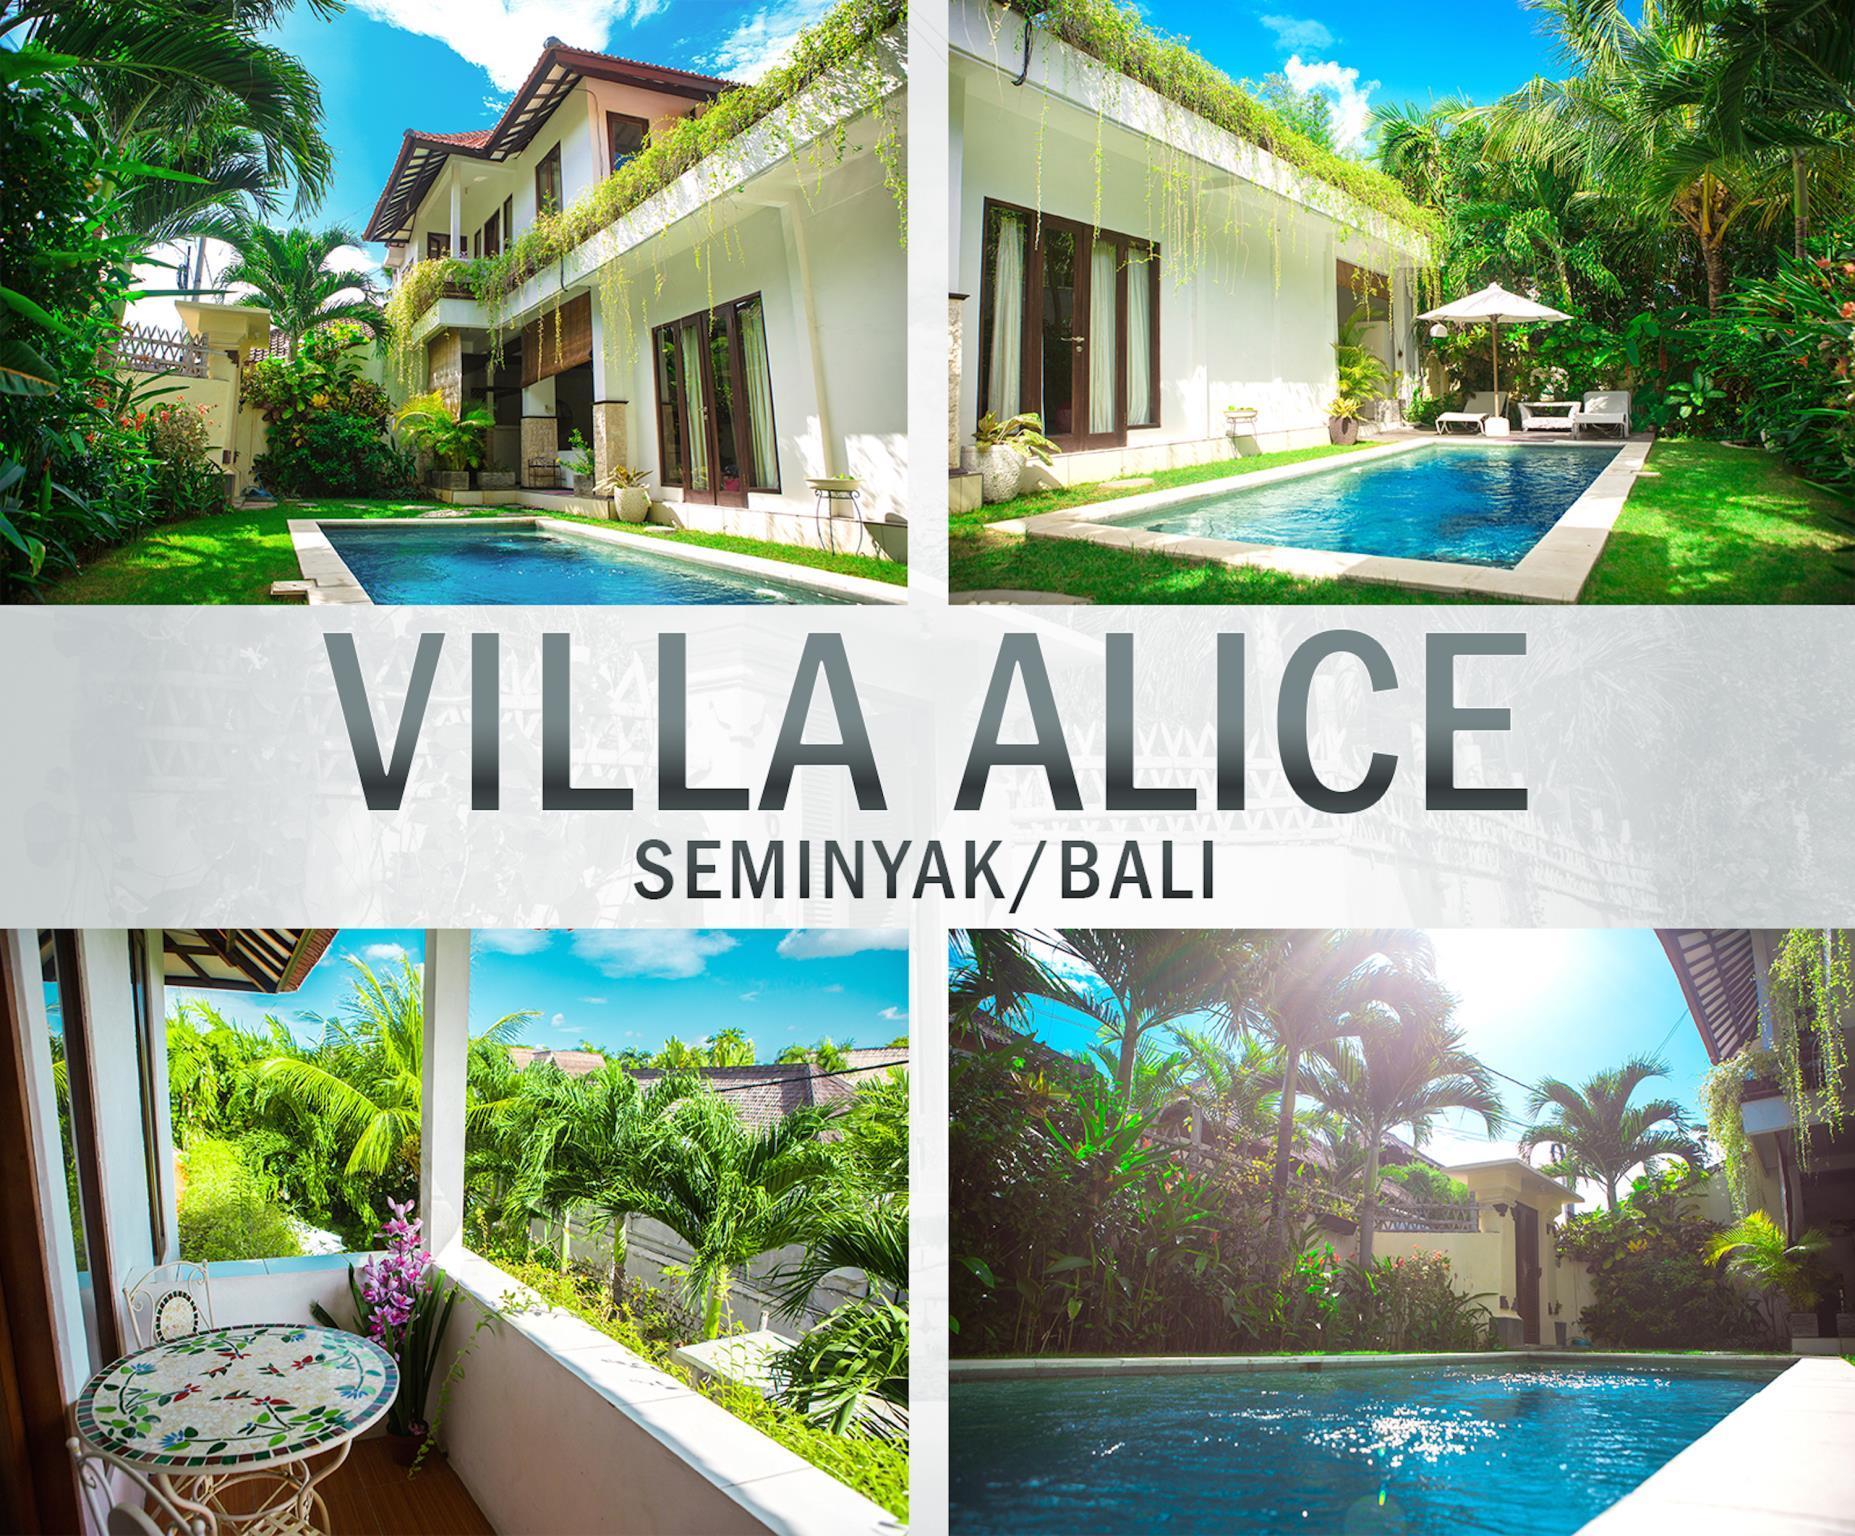 Villa Alice Seminyak ホテル詳細